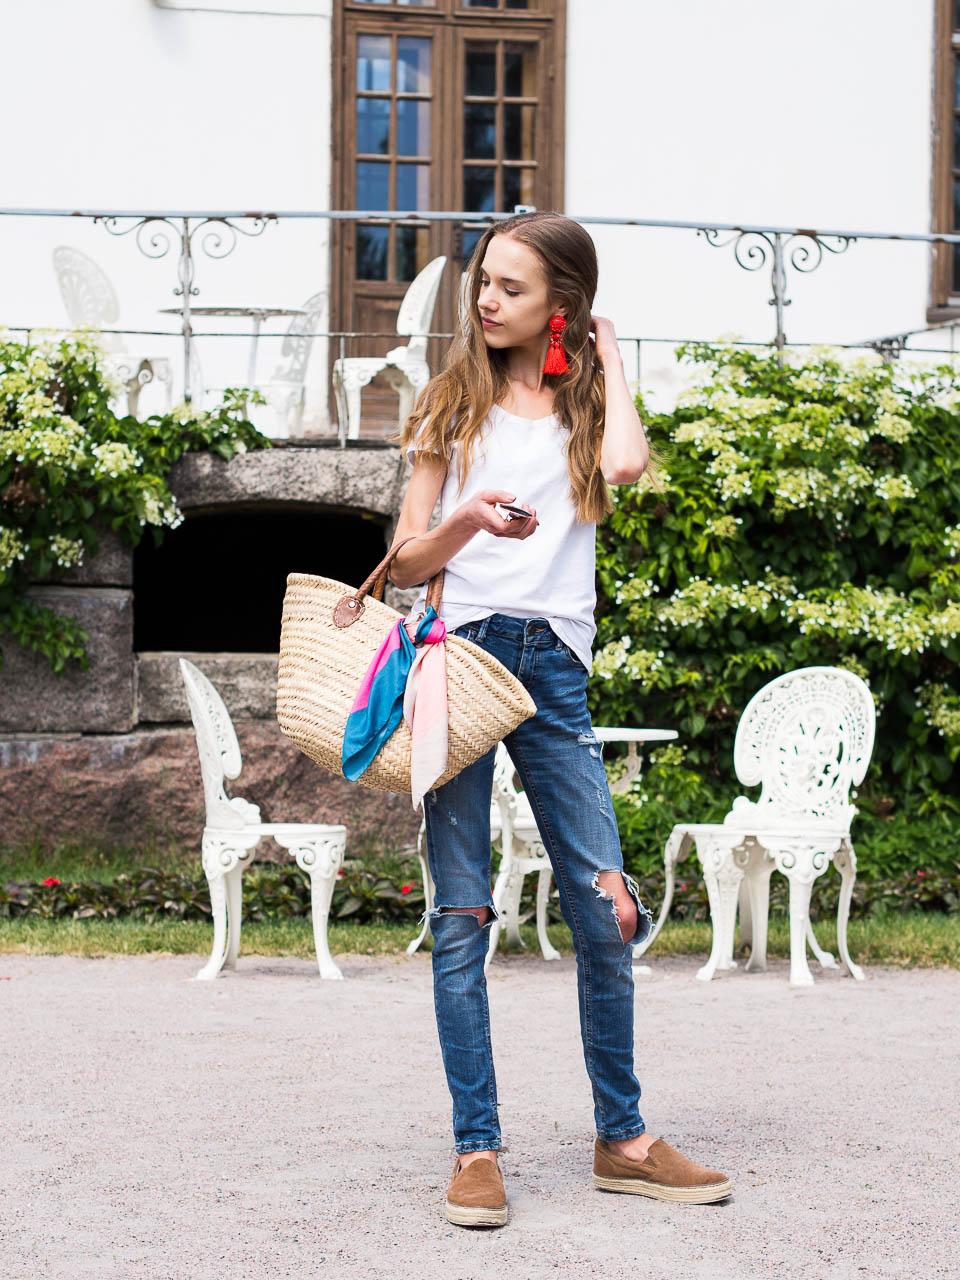 fashion-inspiration-summer-trends-basket-bag-distressed-denim